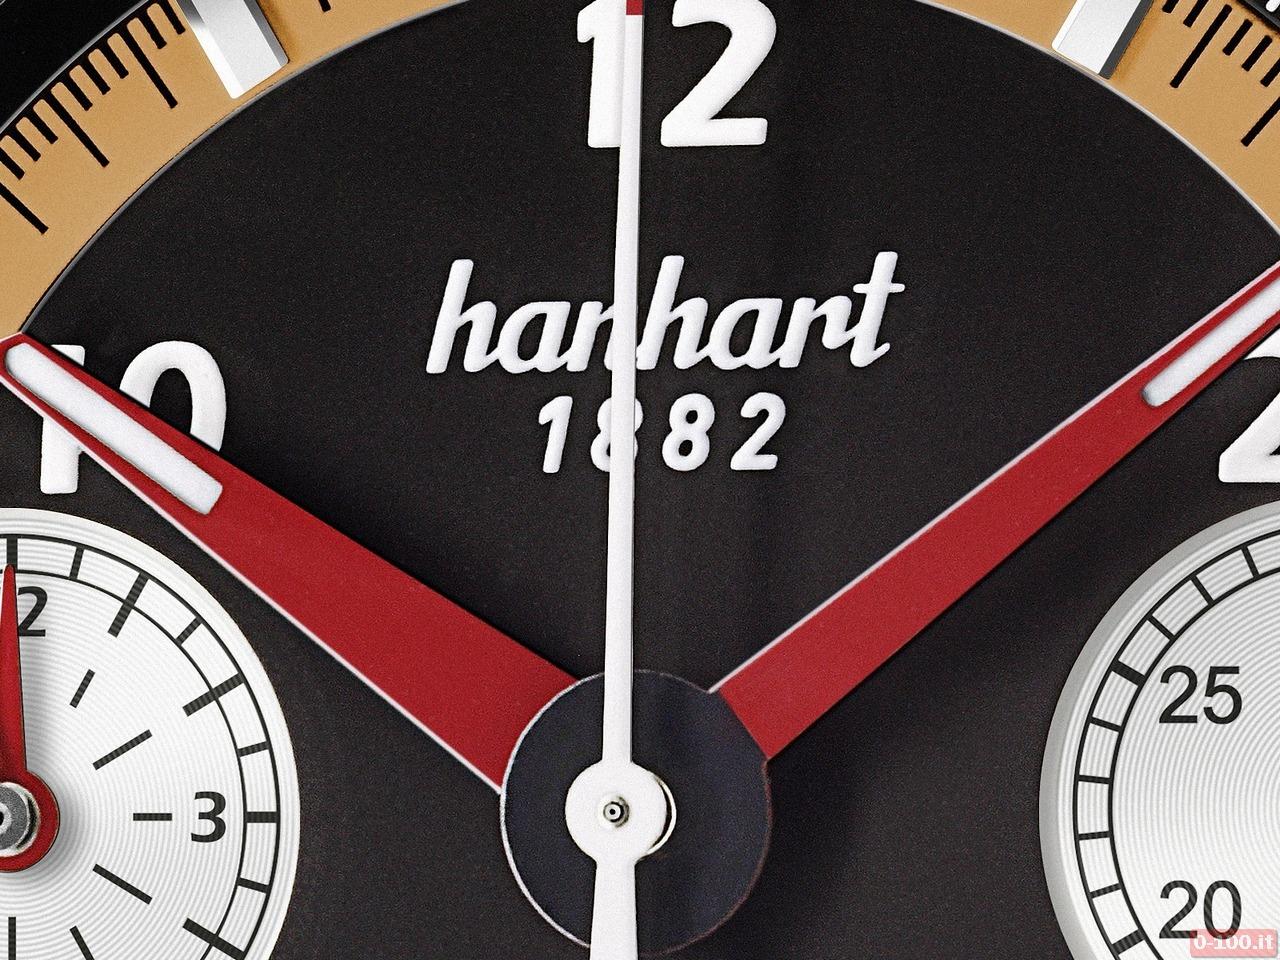 Hanhart_Pioneer_Racemaster GT_GTM_GTF_0-100_8